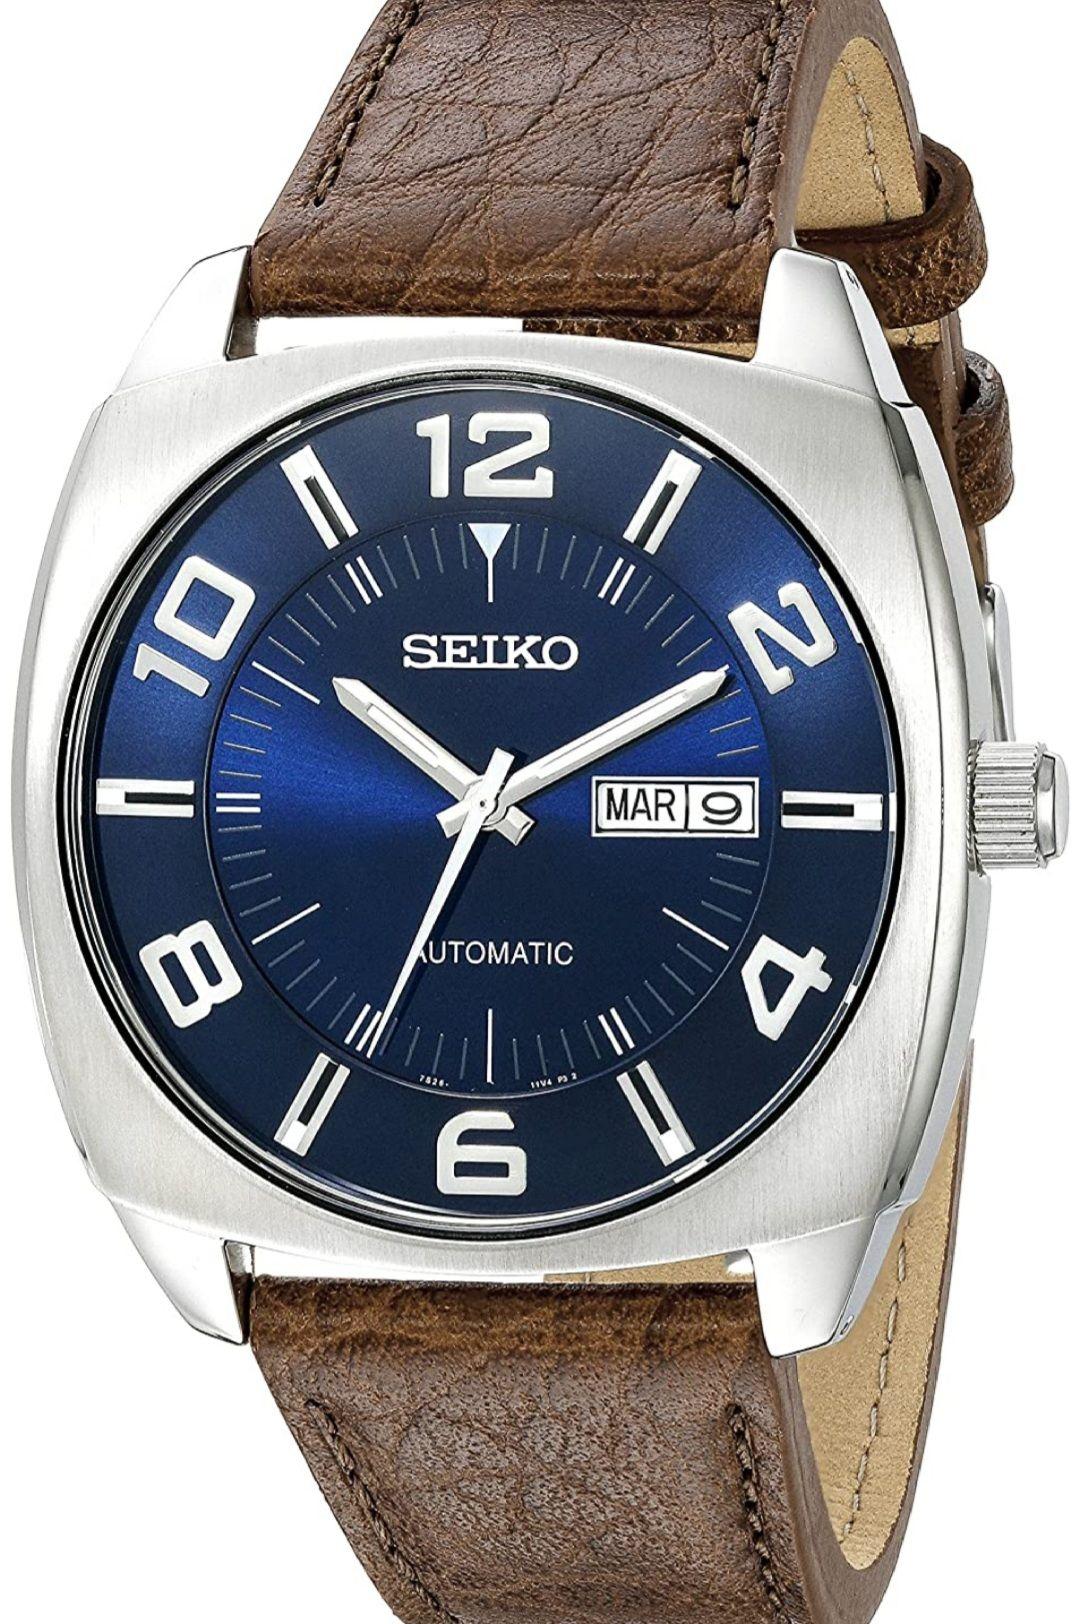 Seiko Automático SNKN37 (Envío prioritario e impuestos incluidos)